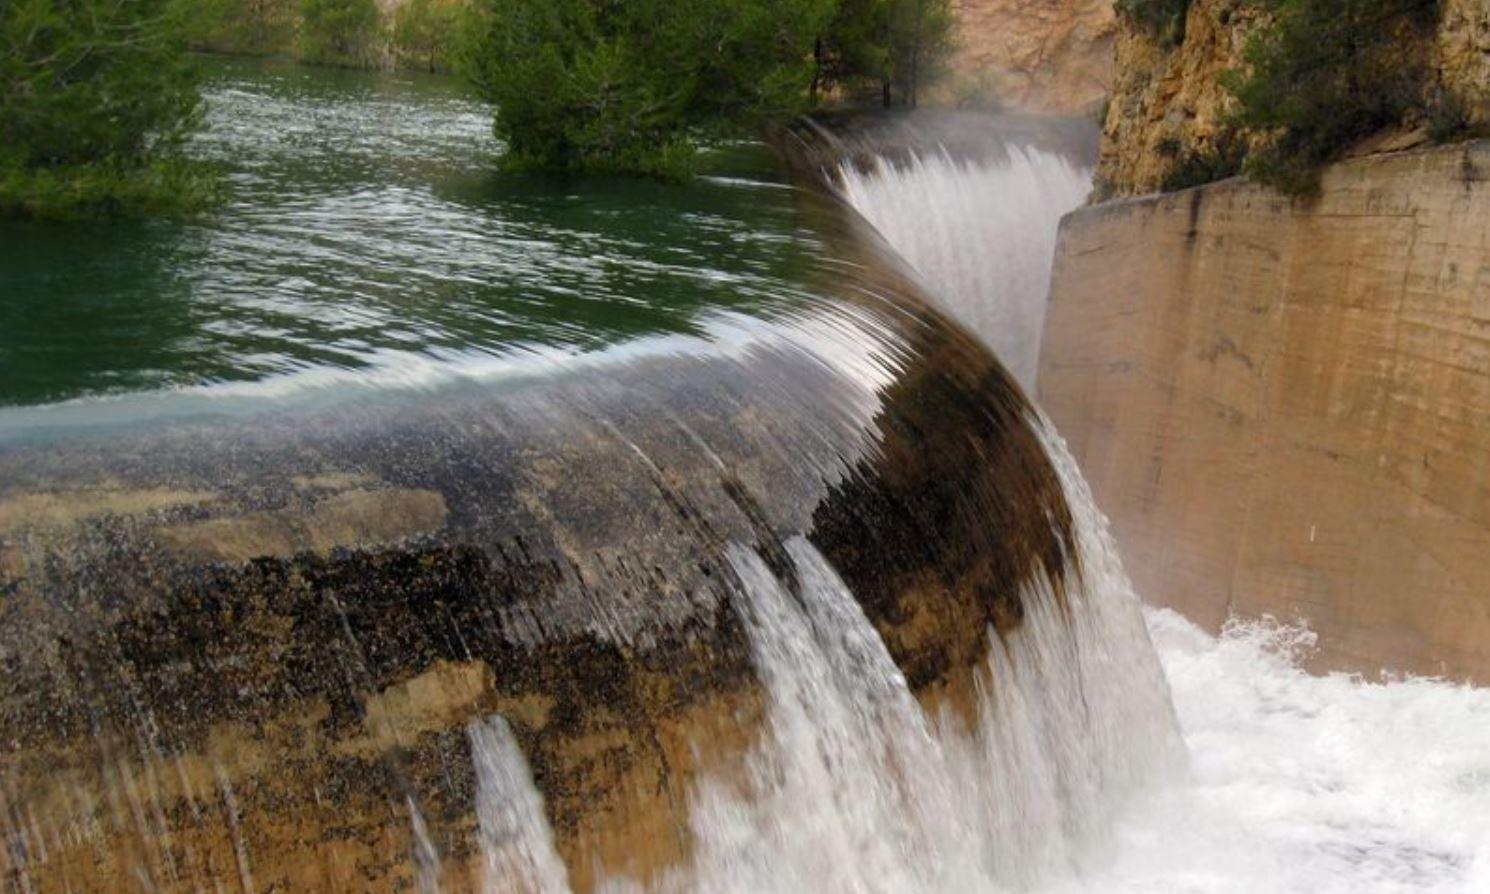 Aliviadero lateral de labio fijo del embalse de la Fuensanta en el río Segura